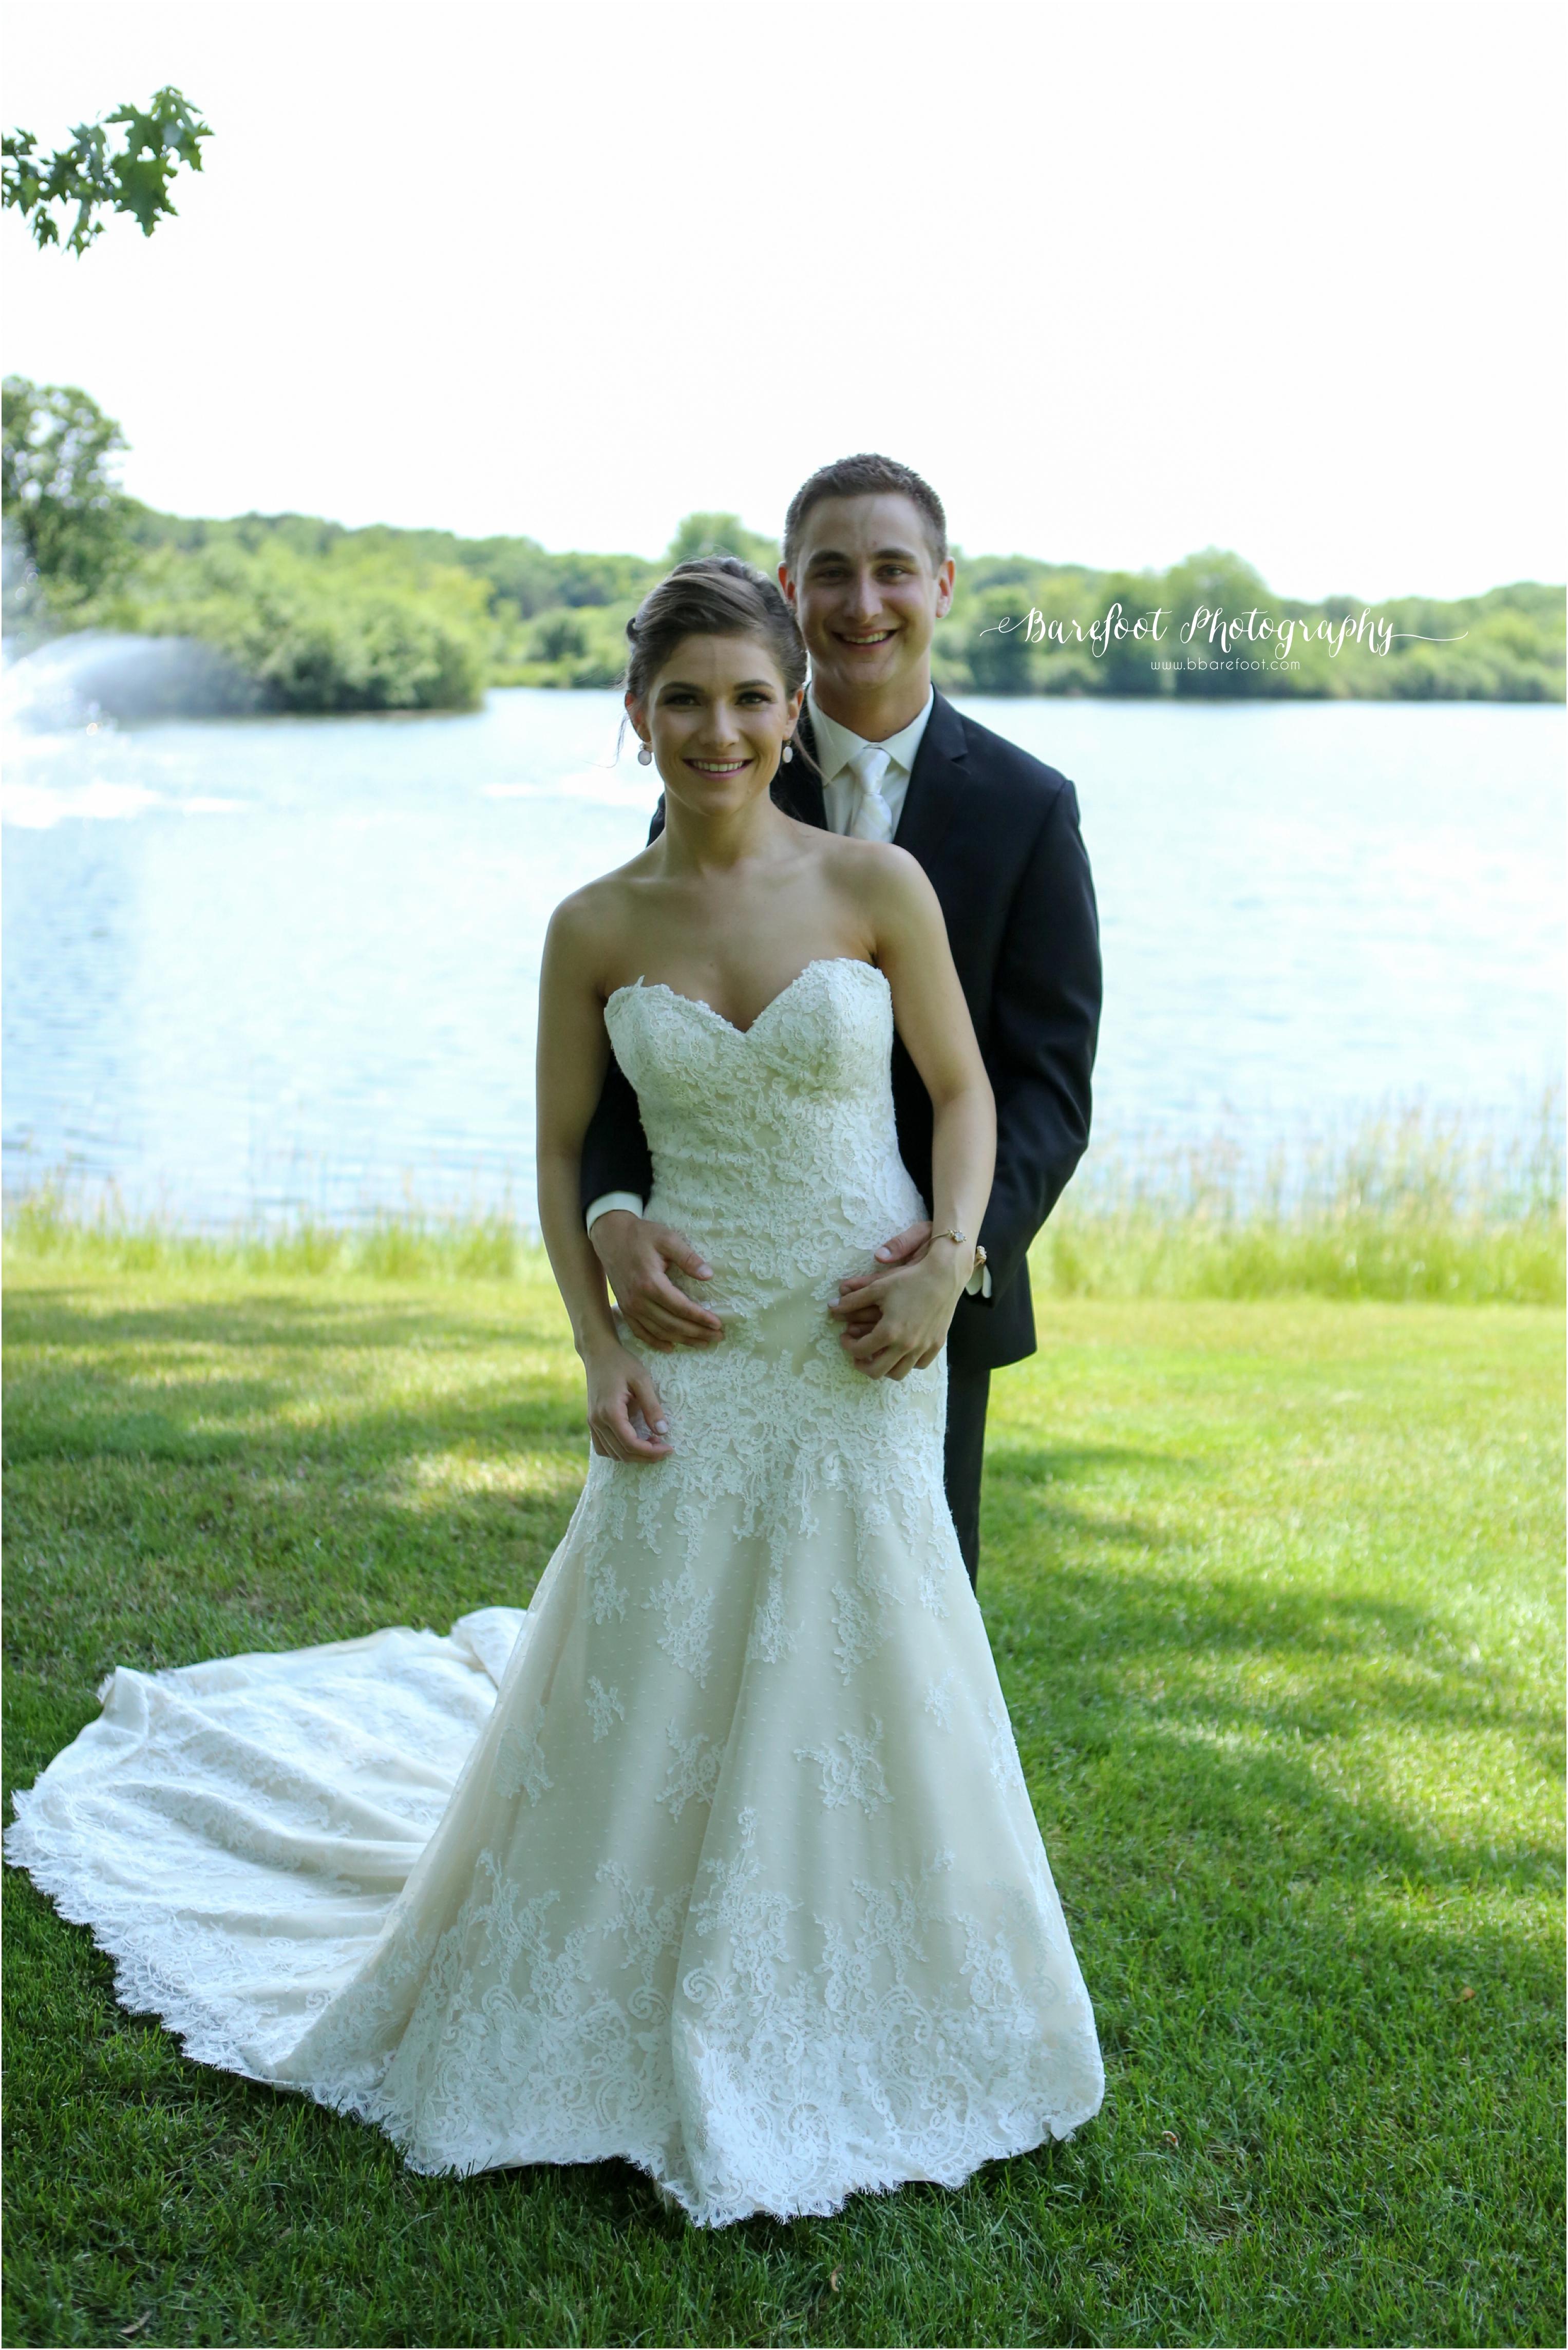 Jeremy&Stephanie_Wedding-314